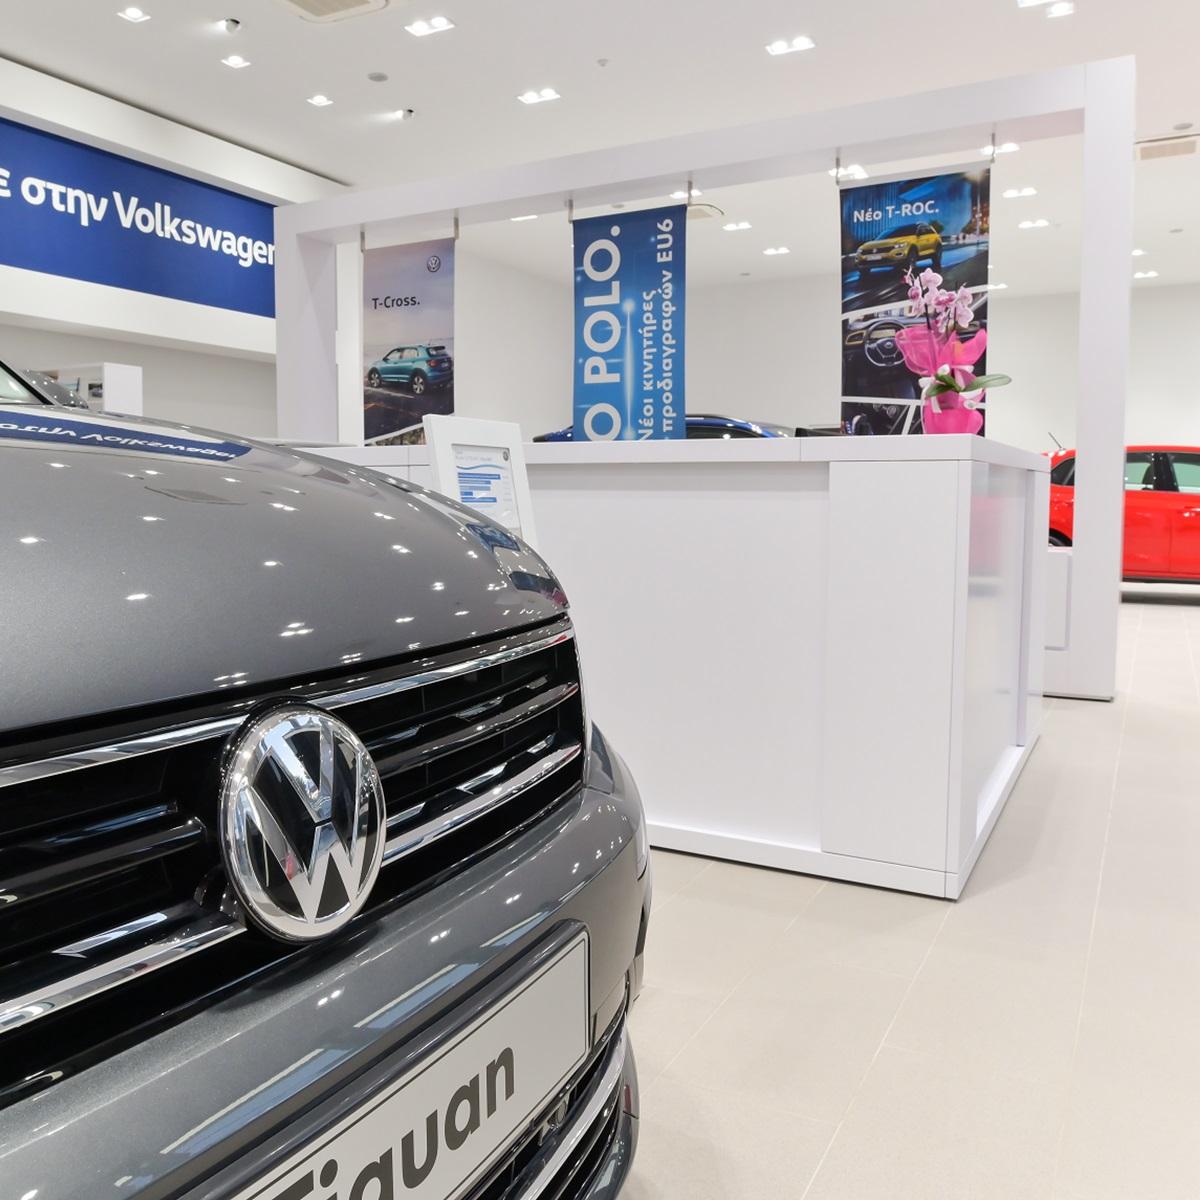 Νέα Έκθεση Volkswagen Αφοι Φιλοσίδη Ολύμπου 66 στο Βύρωνα!